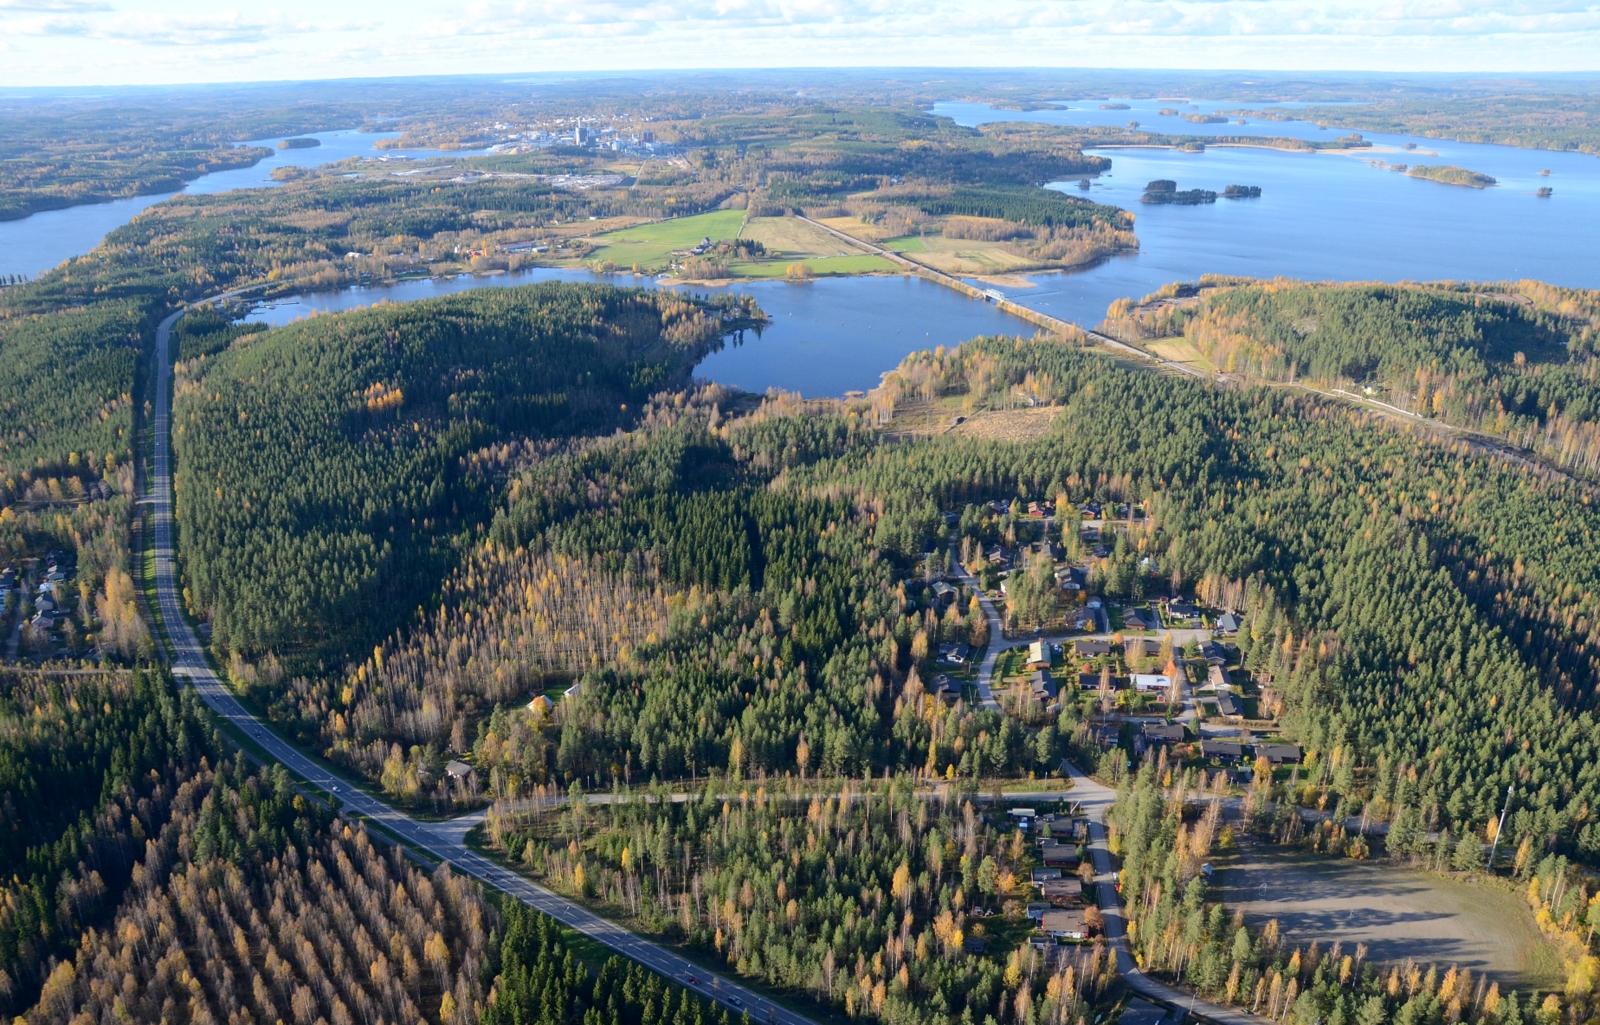 Näkymä Suolahden teollisuusalueen päältä katsottuna